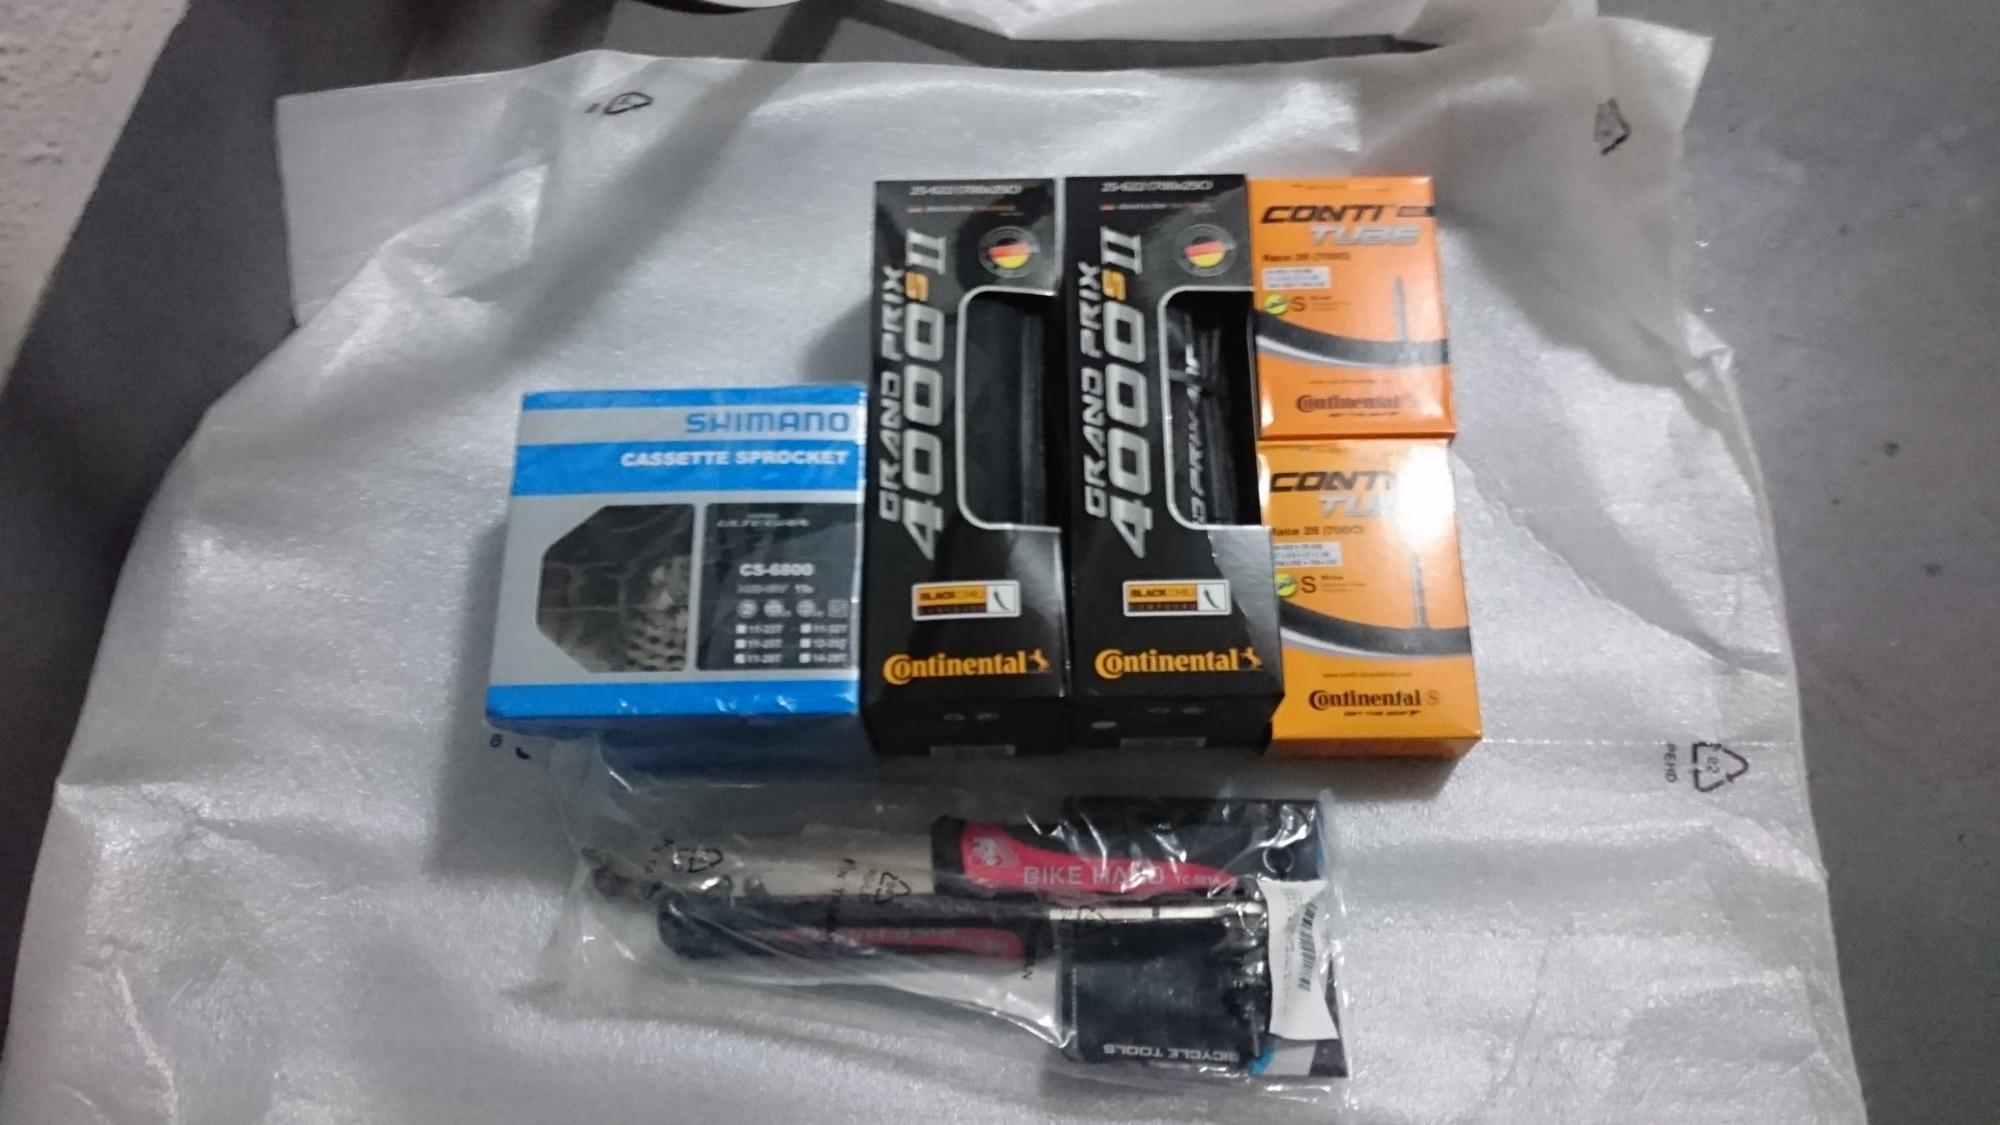 Amazonで購入しておいたタイヤとチューブと専用工具